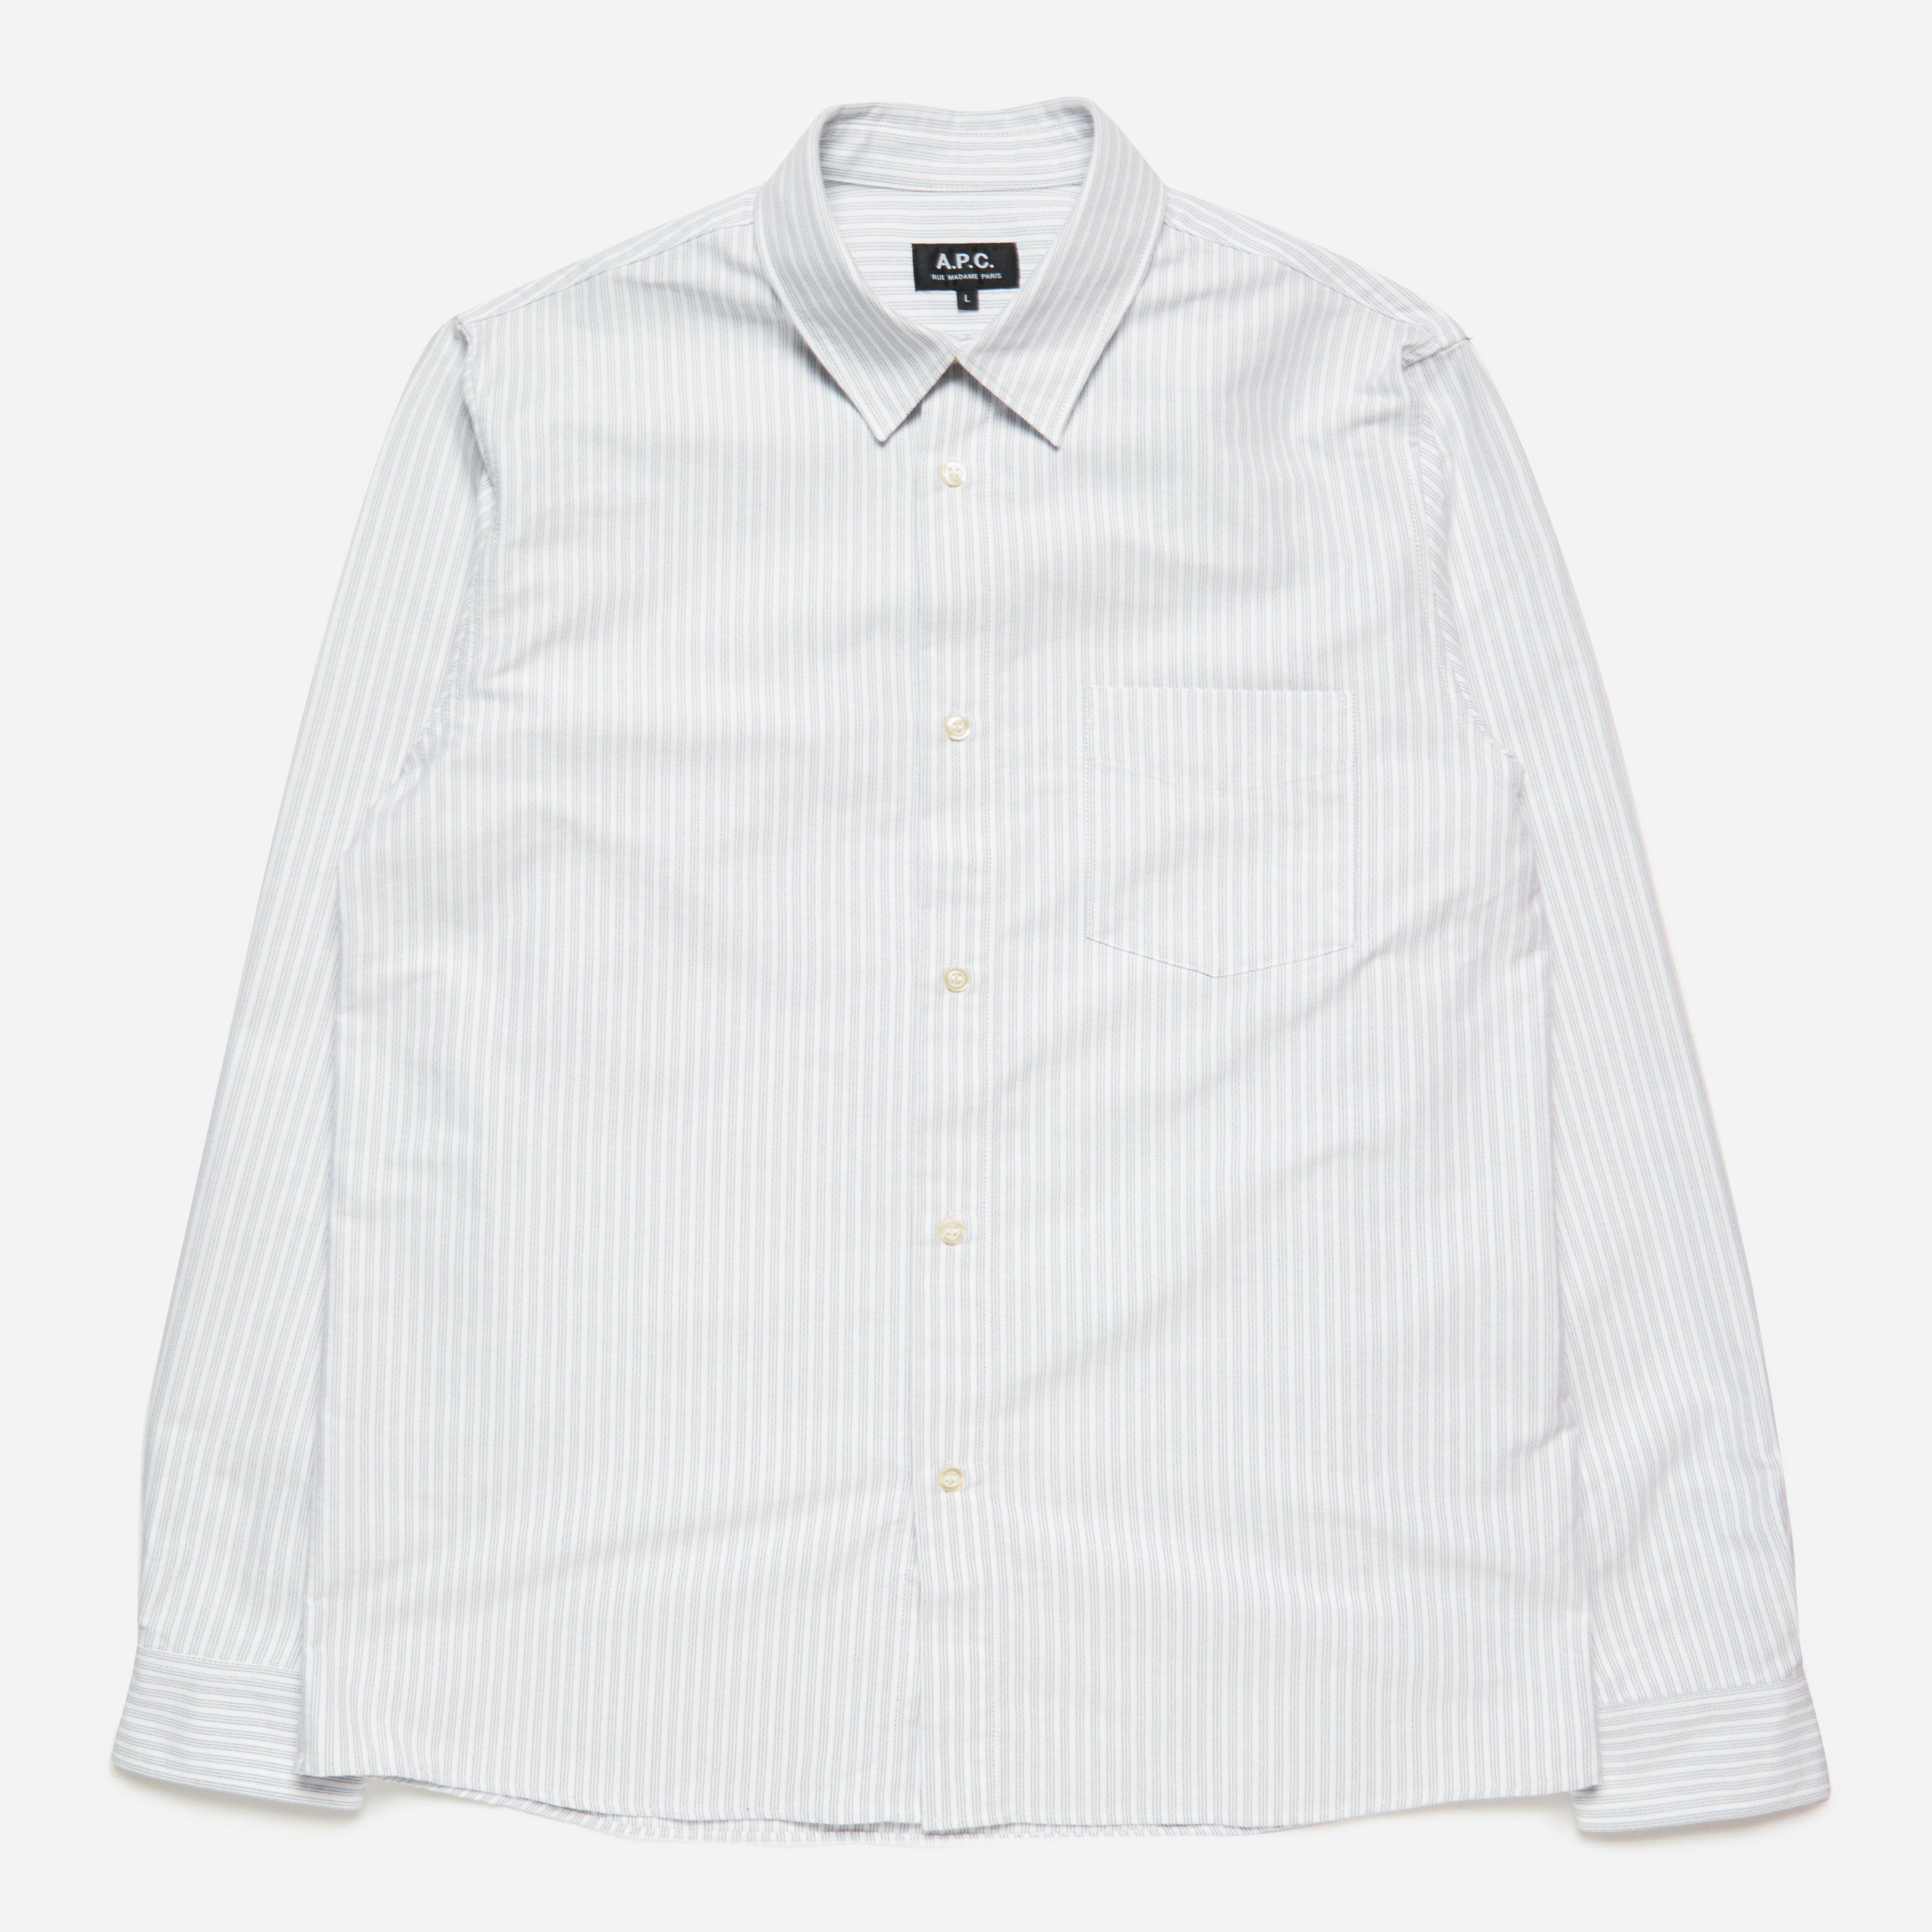 A.P.C Oliver Shirt